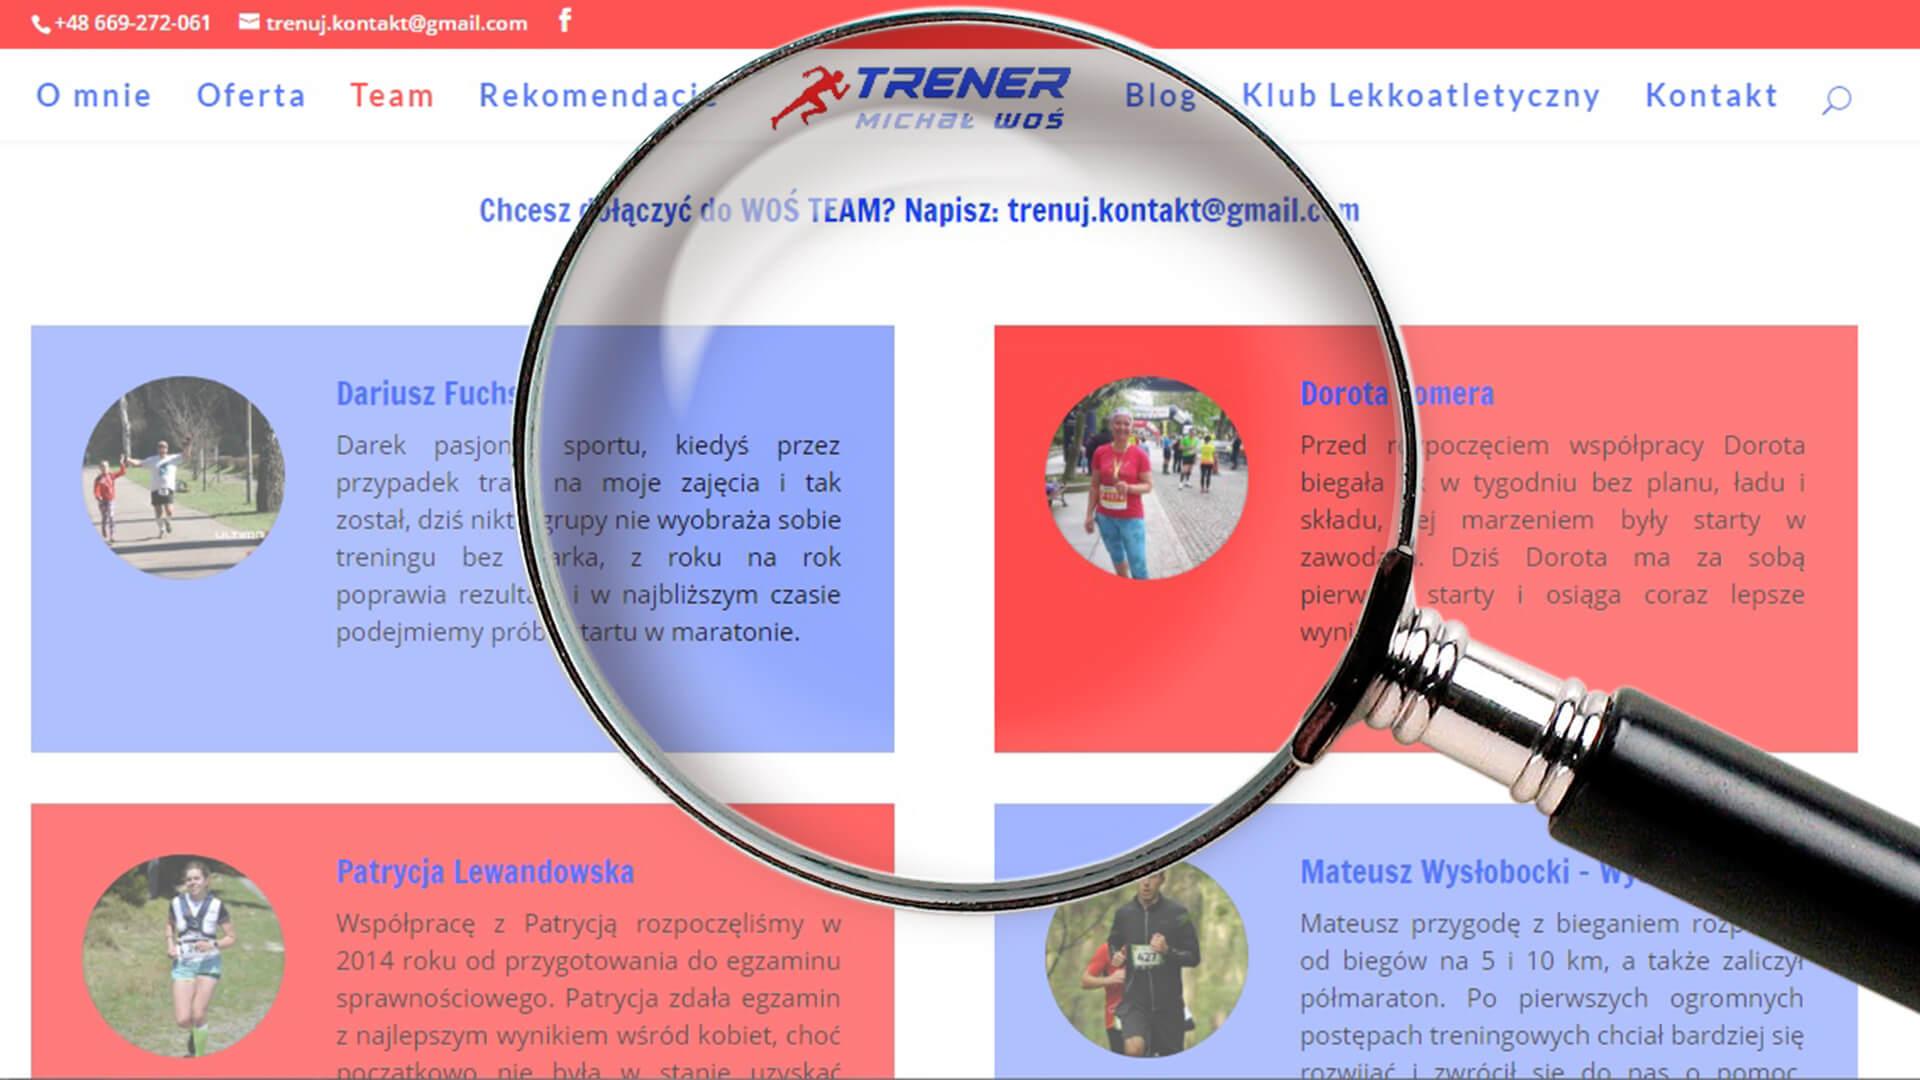 Trener biegania, trener osobisty - Kłodzko i okolice